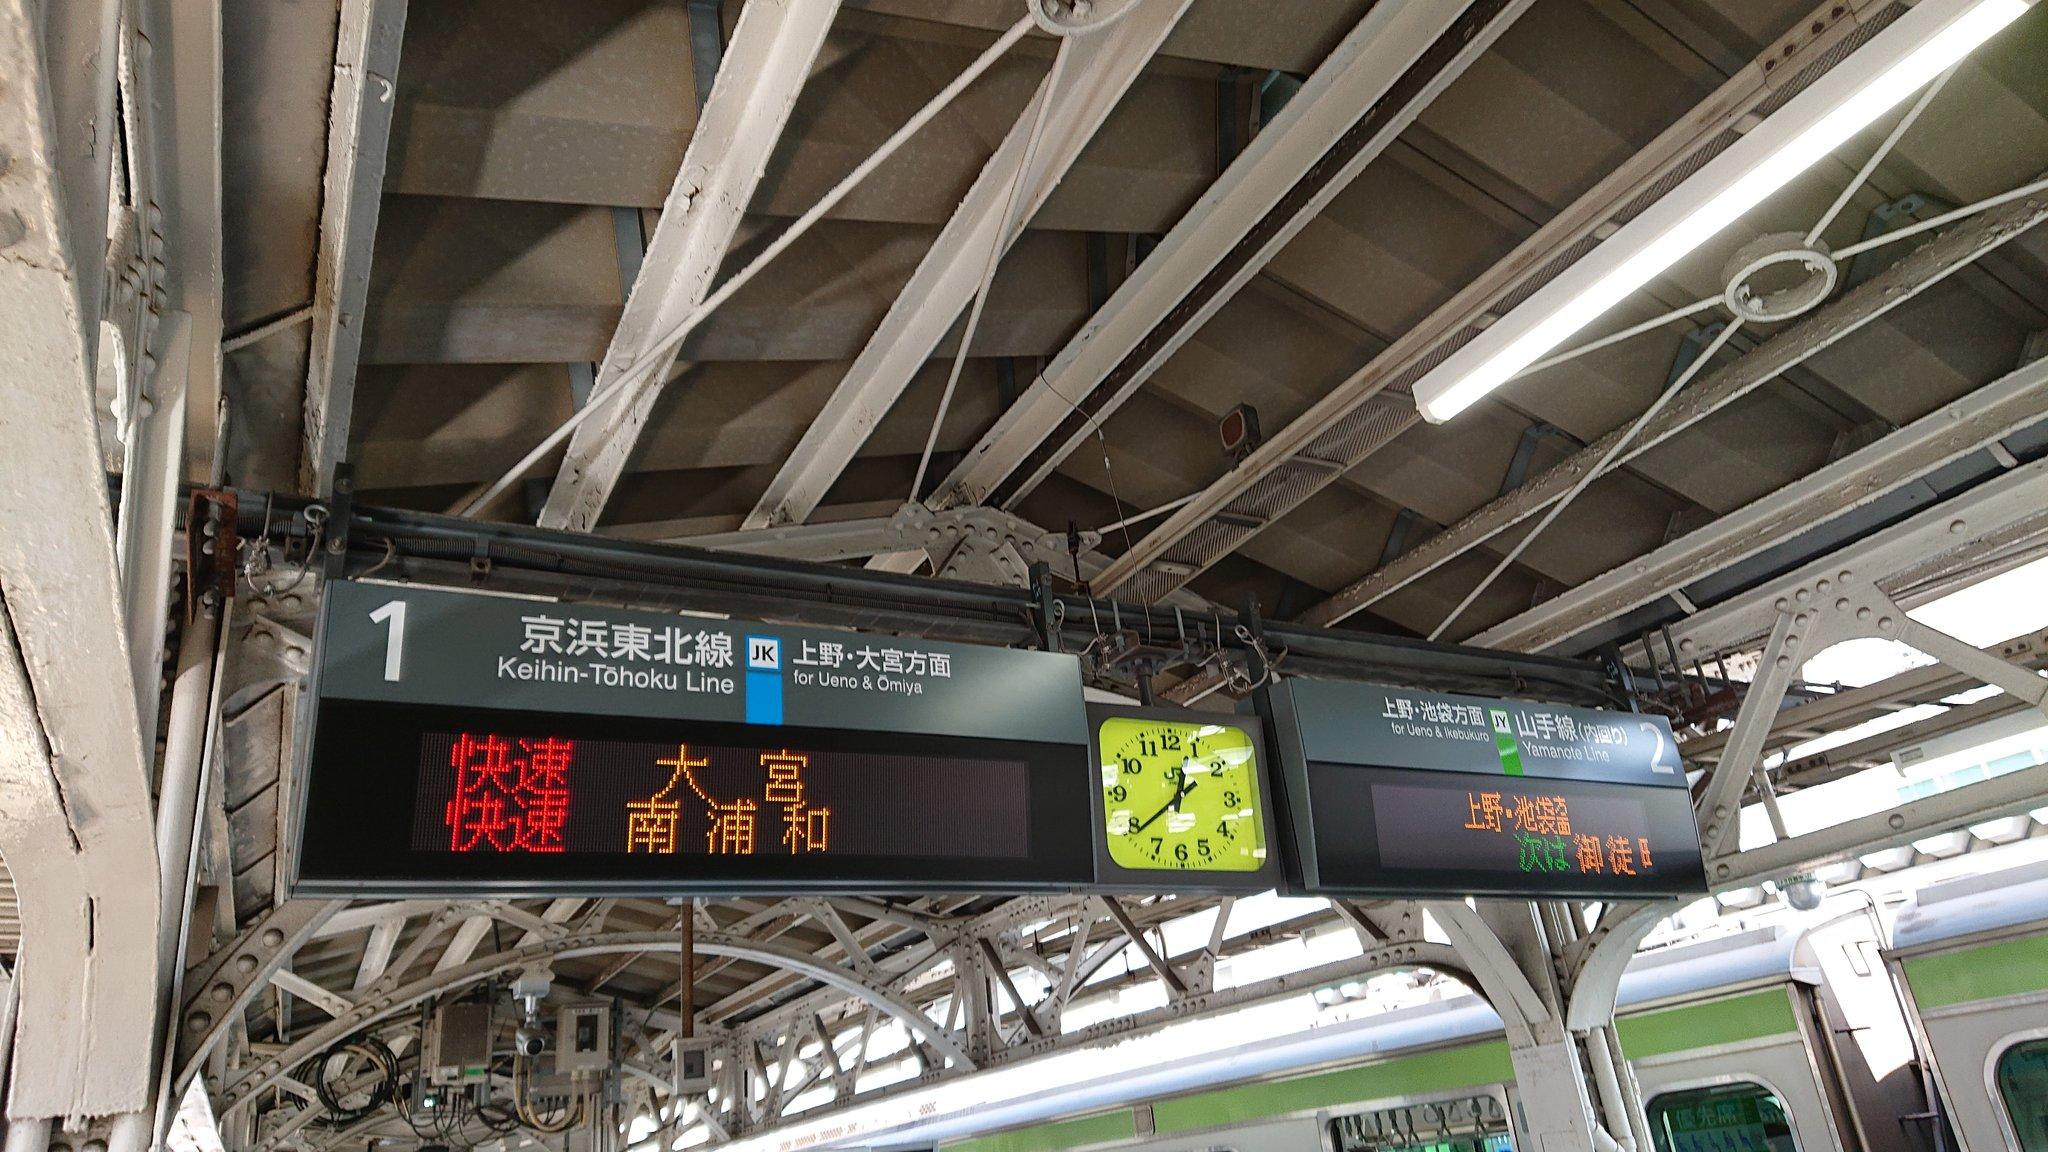 画像,京浜東北線が神田駅で人身。秋葉原でどうしようかなー。 https://t.co/yI767c41MV。